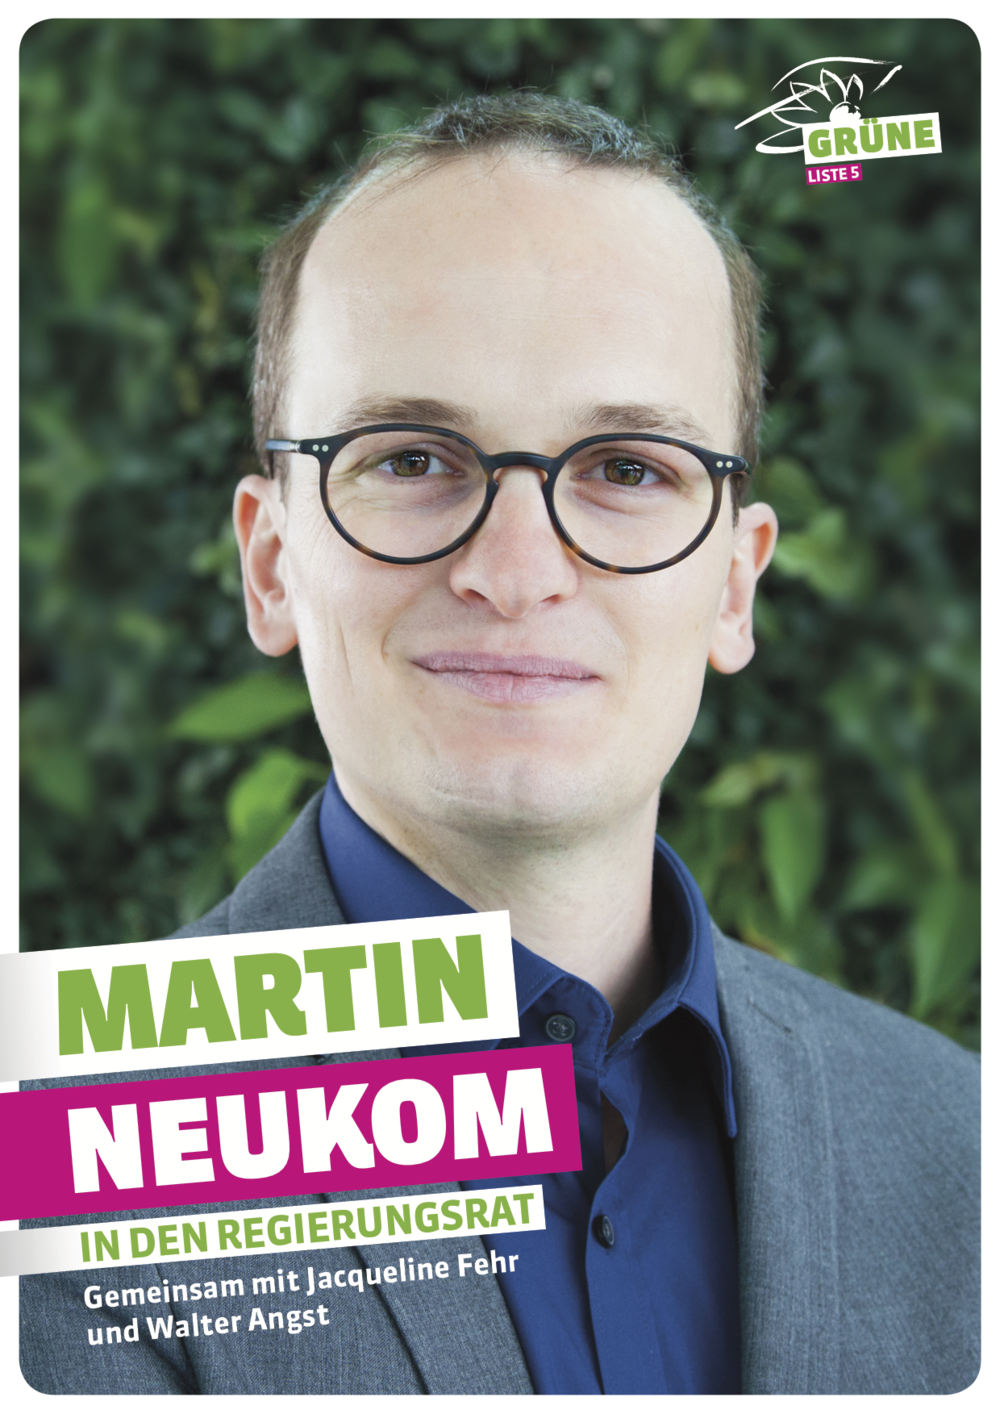 martin-neukom-plakat